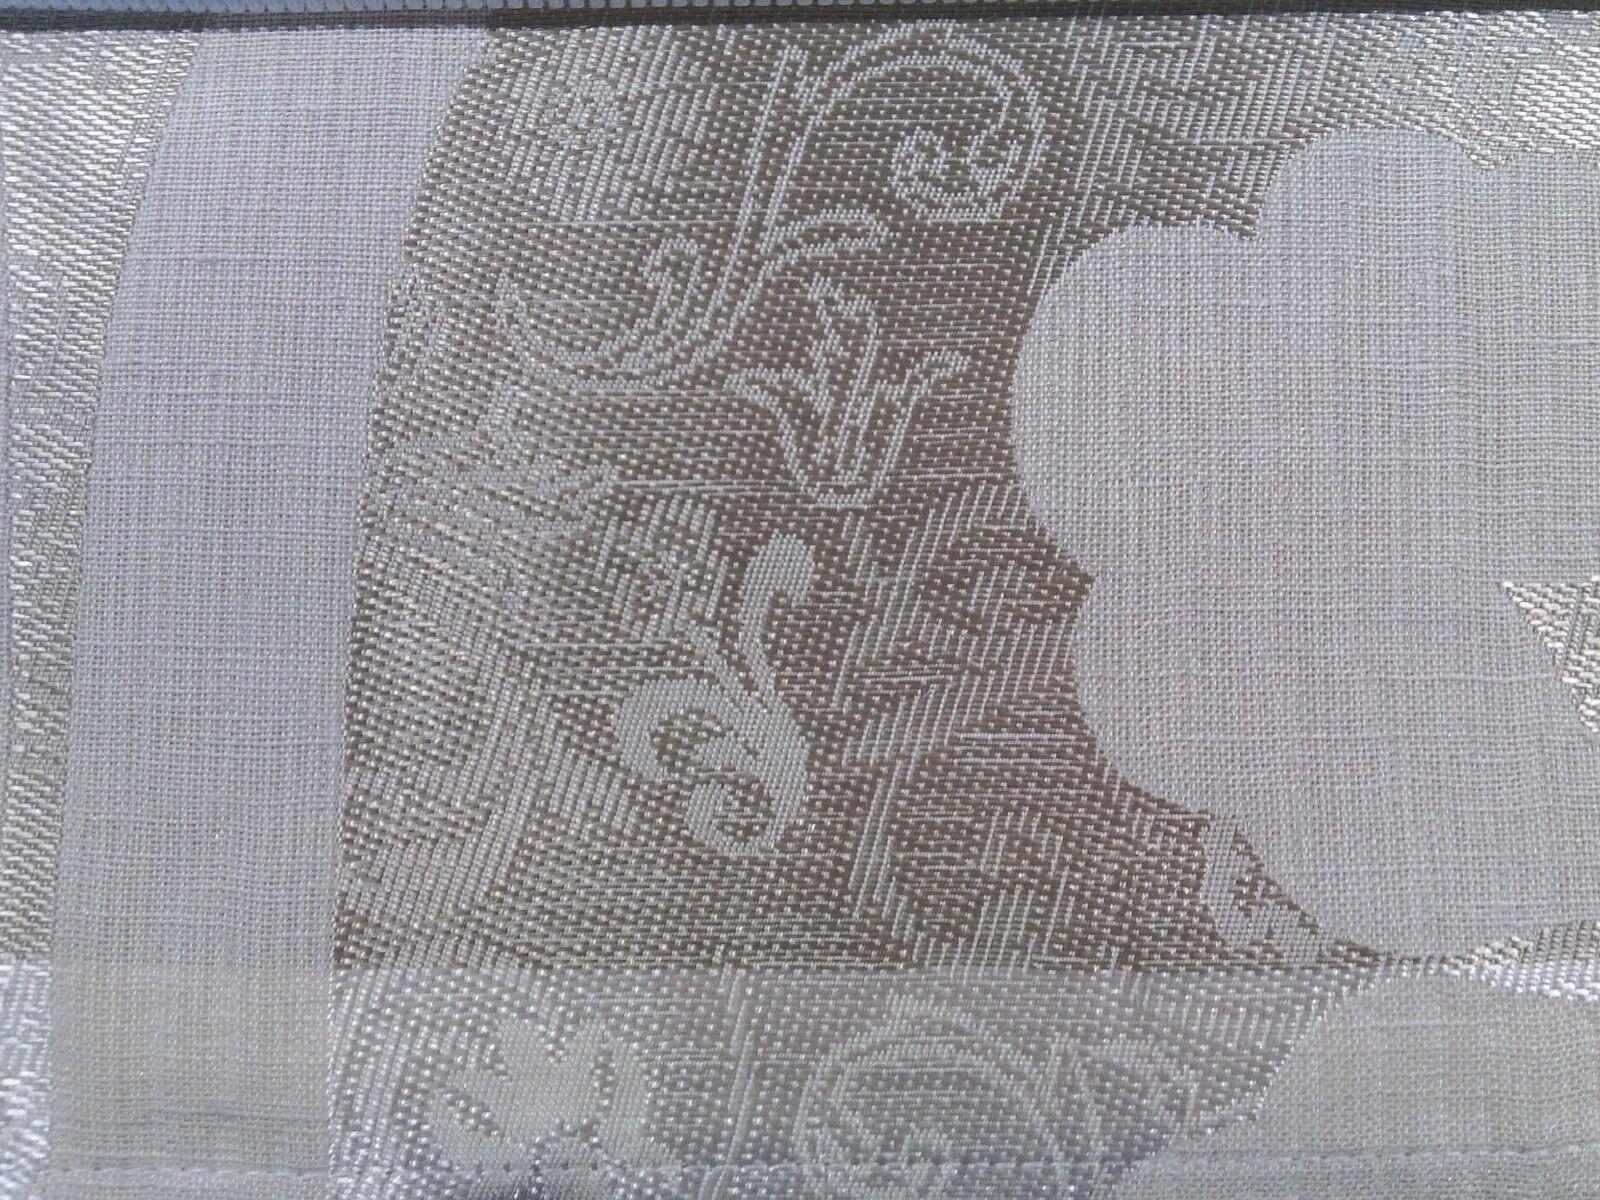 FLOU -REGGIA -REGGIA -REGGIA ORO - BIANCHERIA SET  COPRIPIUMINO  MATRIMONIALE 27bb5b